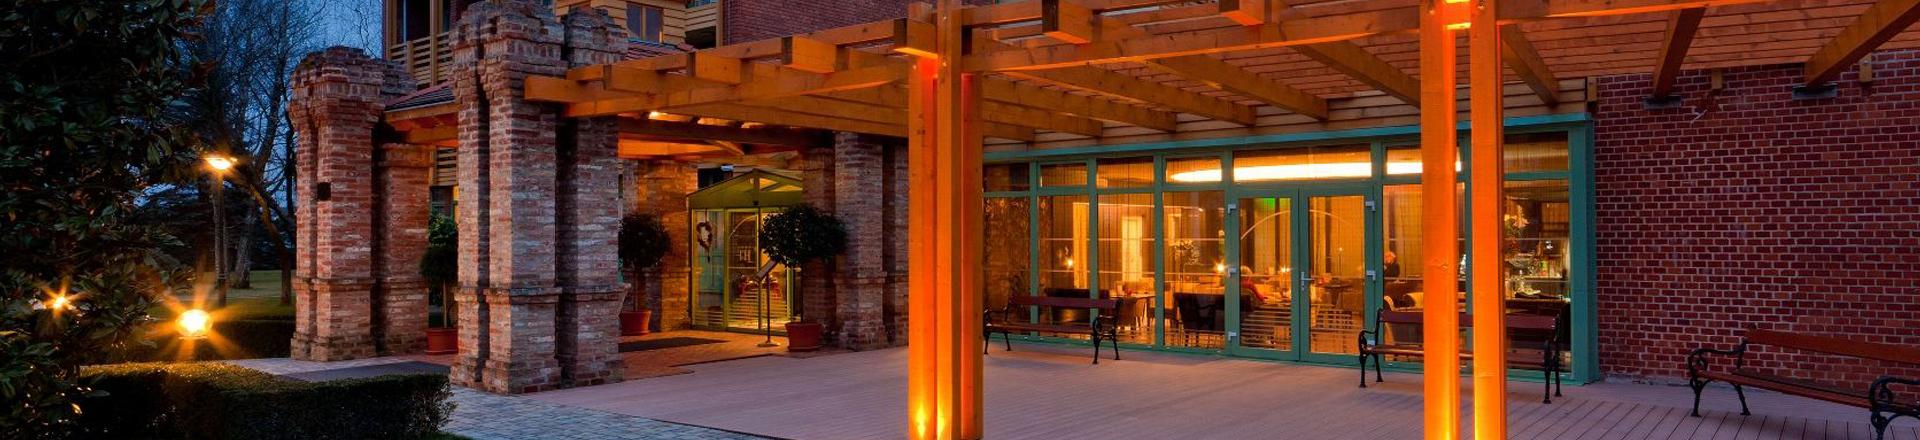 Unser Hotel erwartet seine Gäste mit 131 Zimmern in Superior und Standard Kategorie.